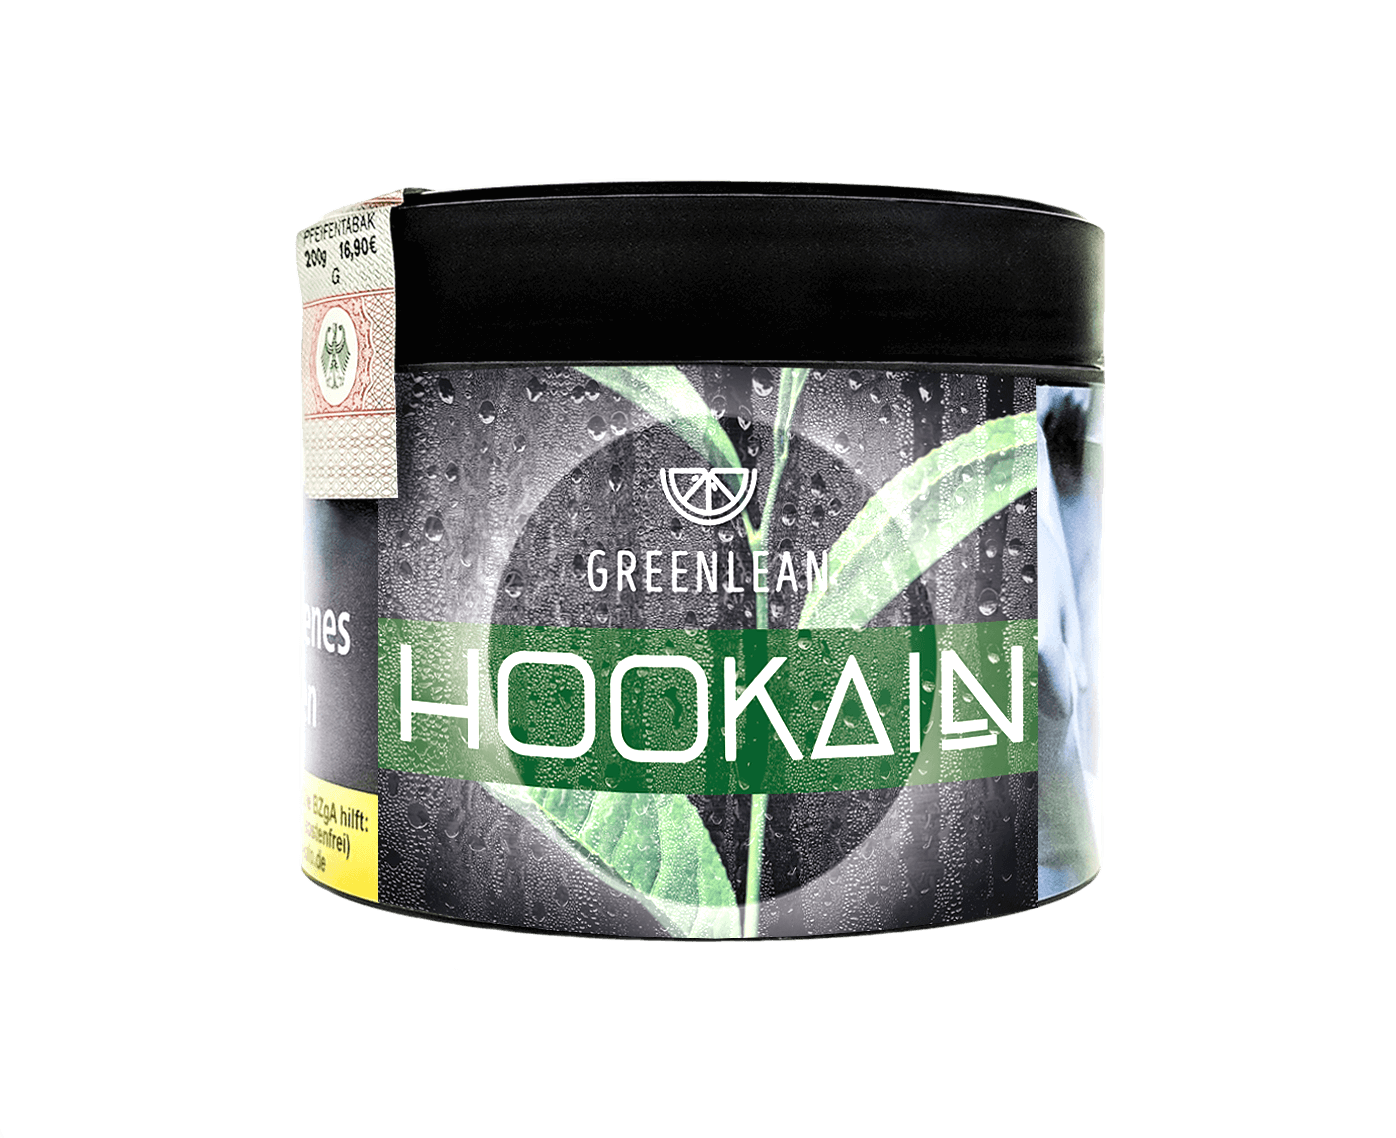 Hookain green Lean 200g